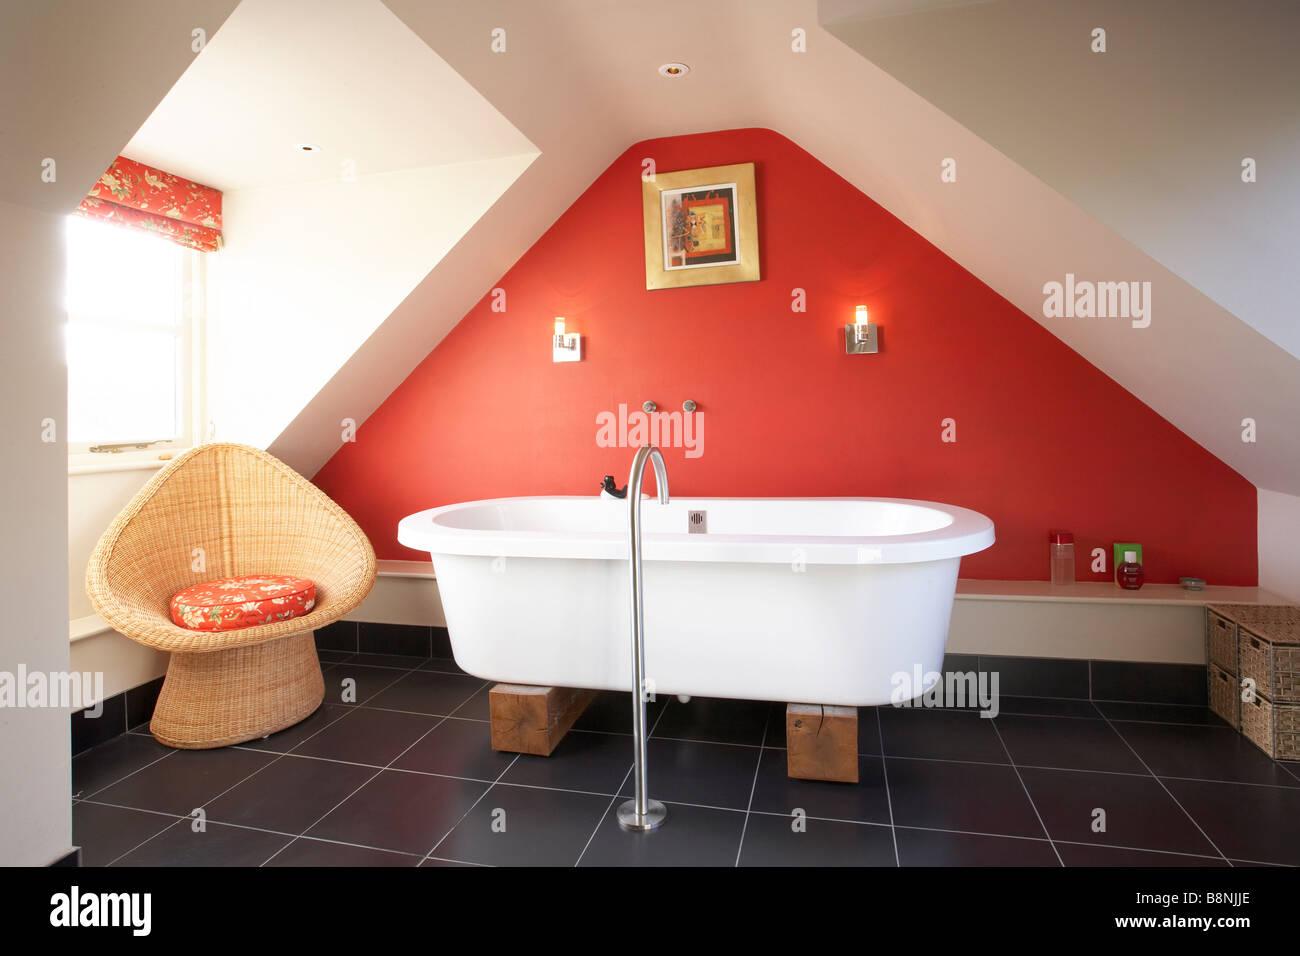 Schon Innenausbau Badezimmer Im Dach Dachboden Mit Moderne Freistehende Badewanne  Auf Holzblöcke Schwarz Rote Wand Schiefer Boden